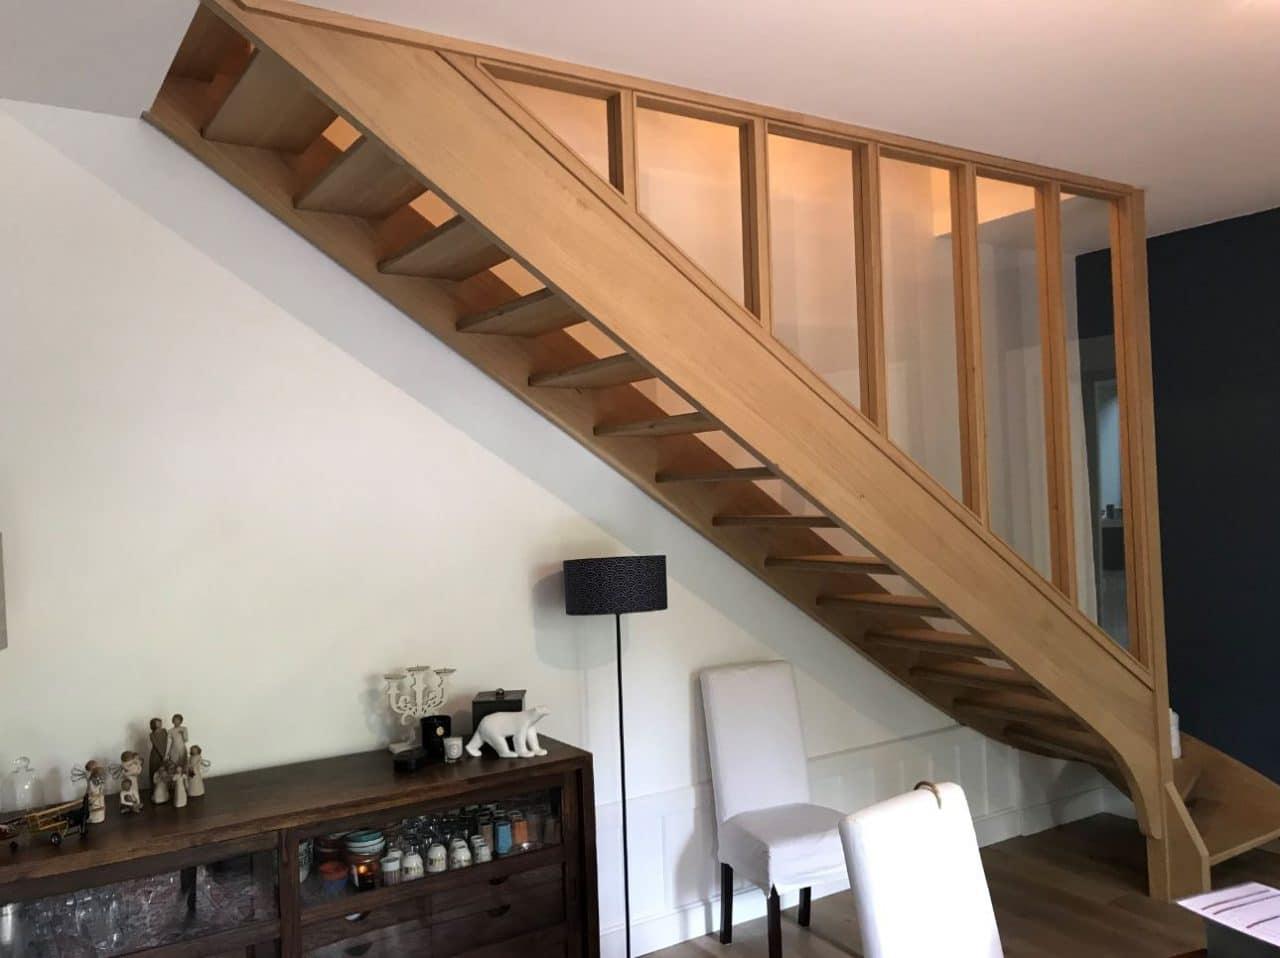 rénovation d'une maison à Fontaines-sur-Saône : escalier